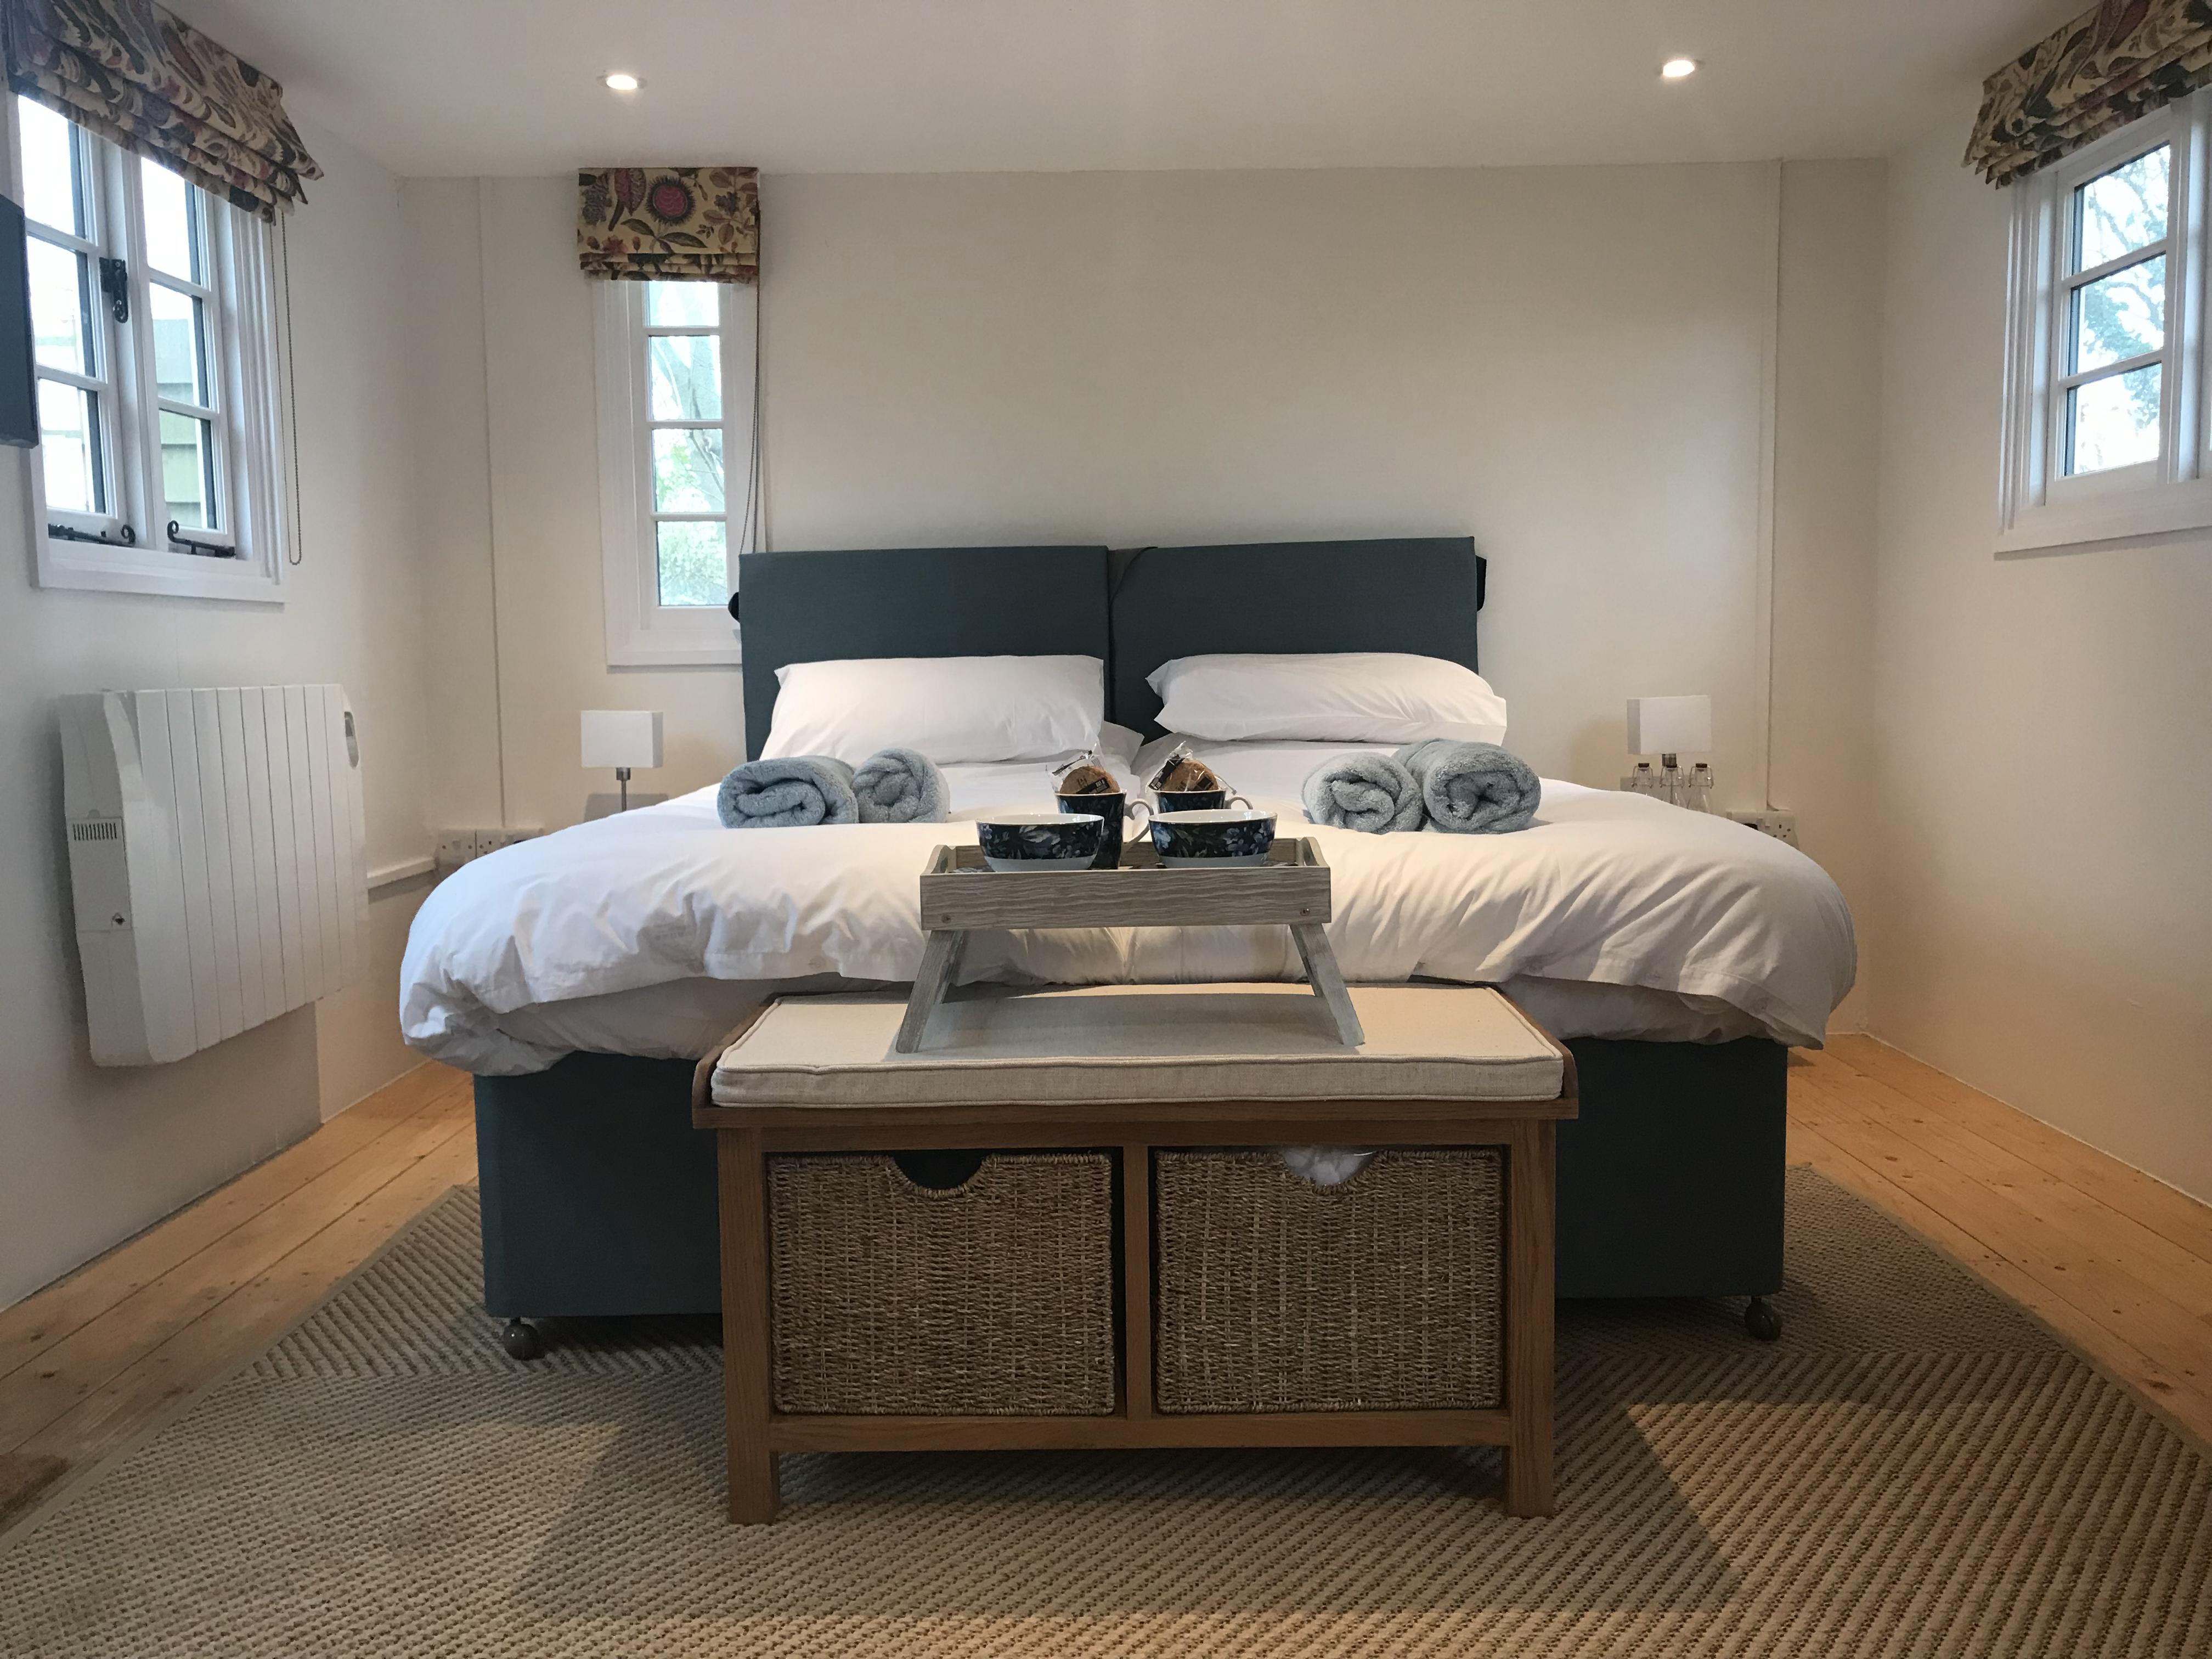 The Hut Accommodation